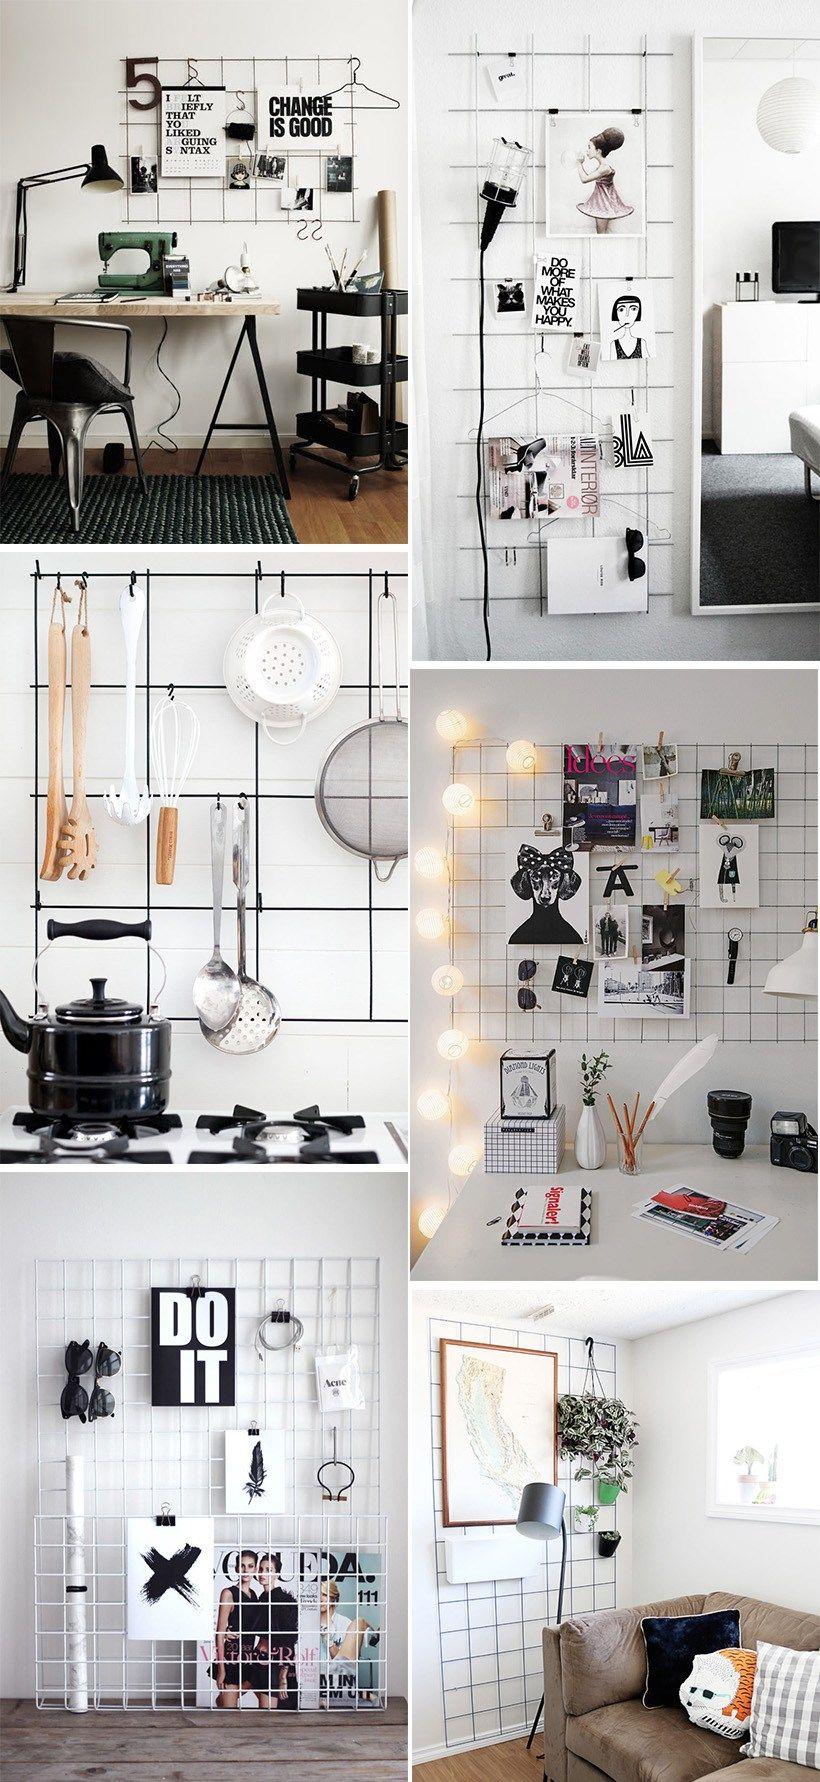 Desks also diy inspiration metal grid room decor and bedrooms rh pinterest